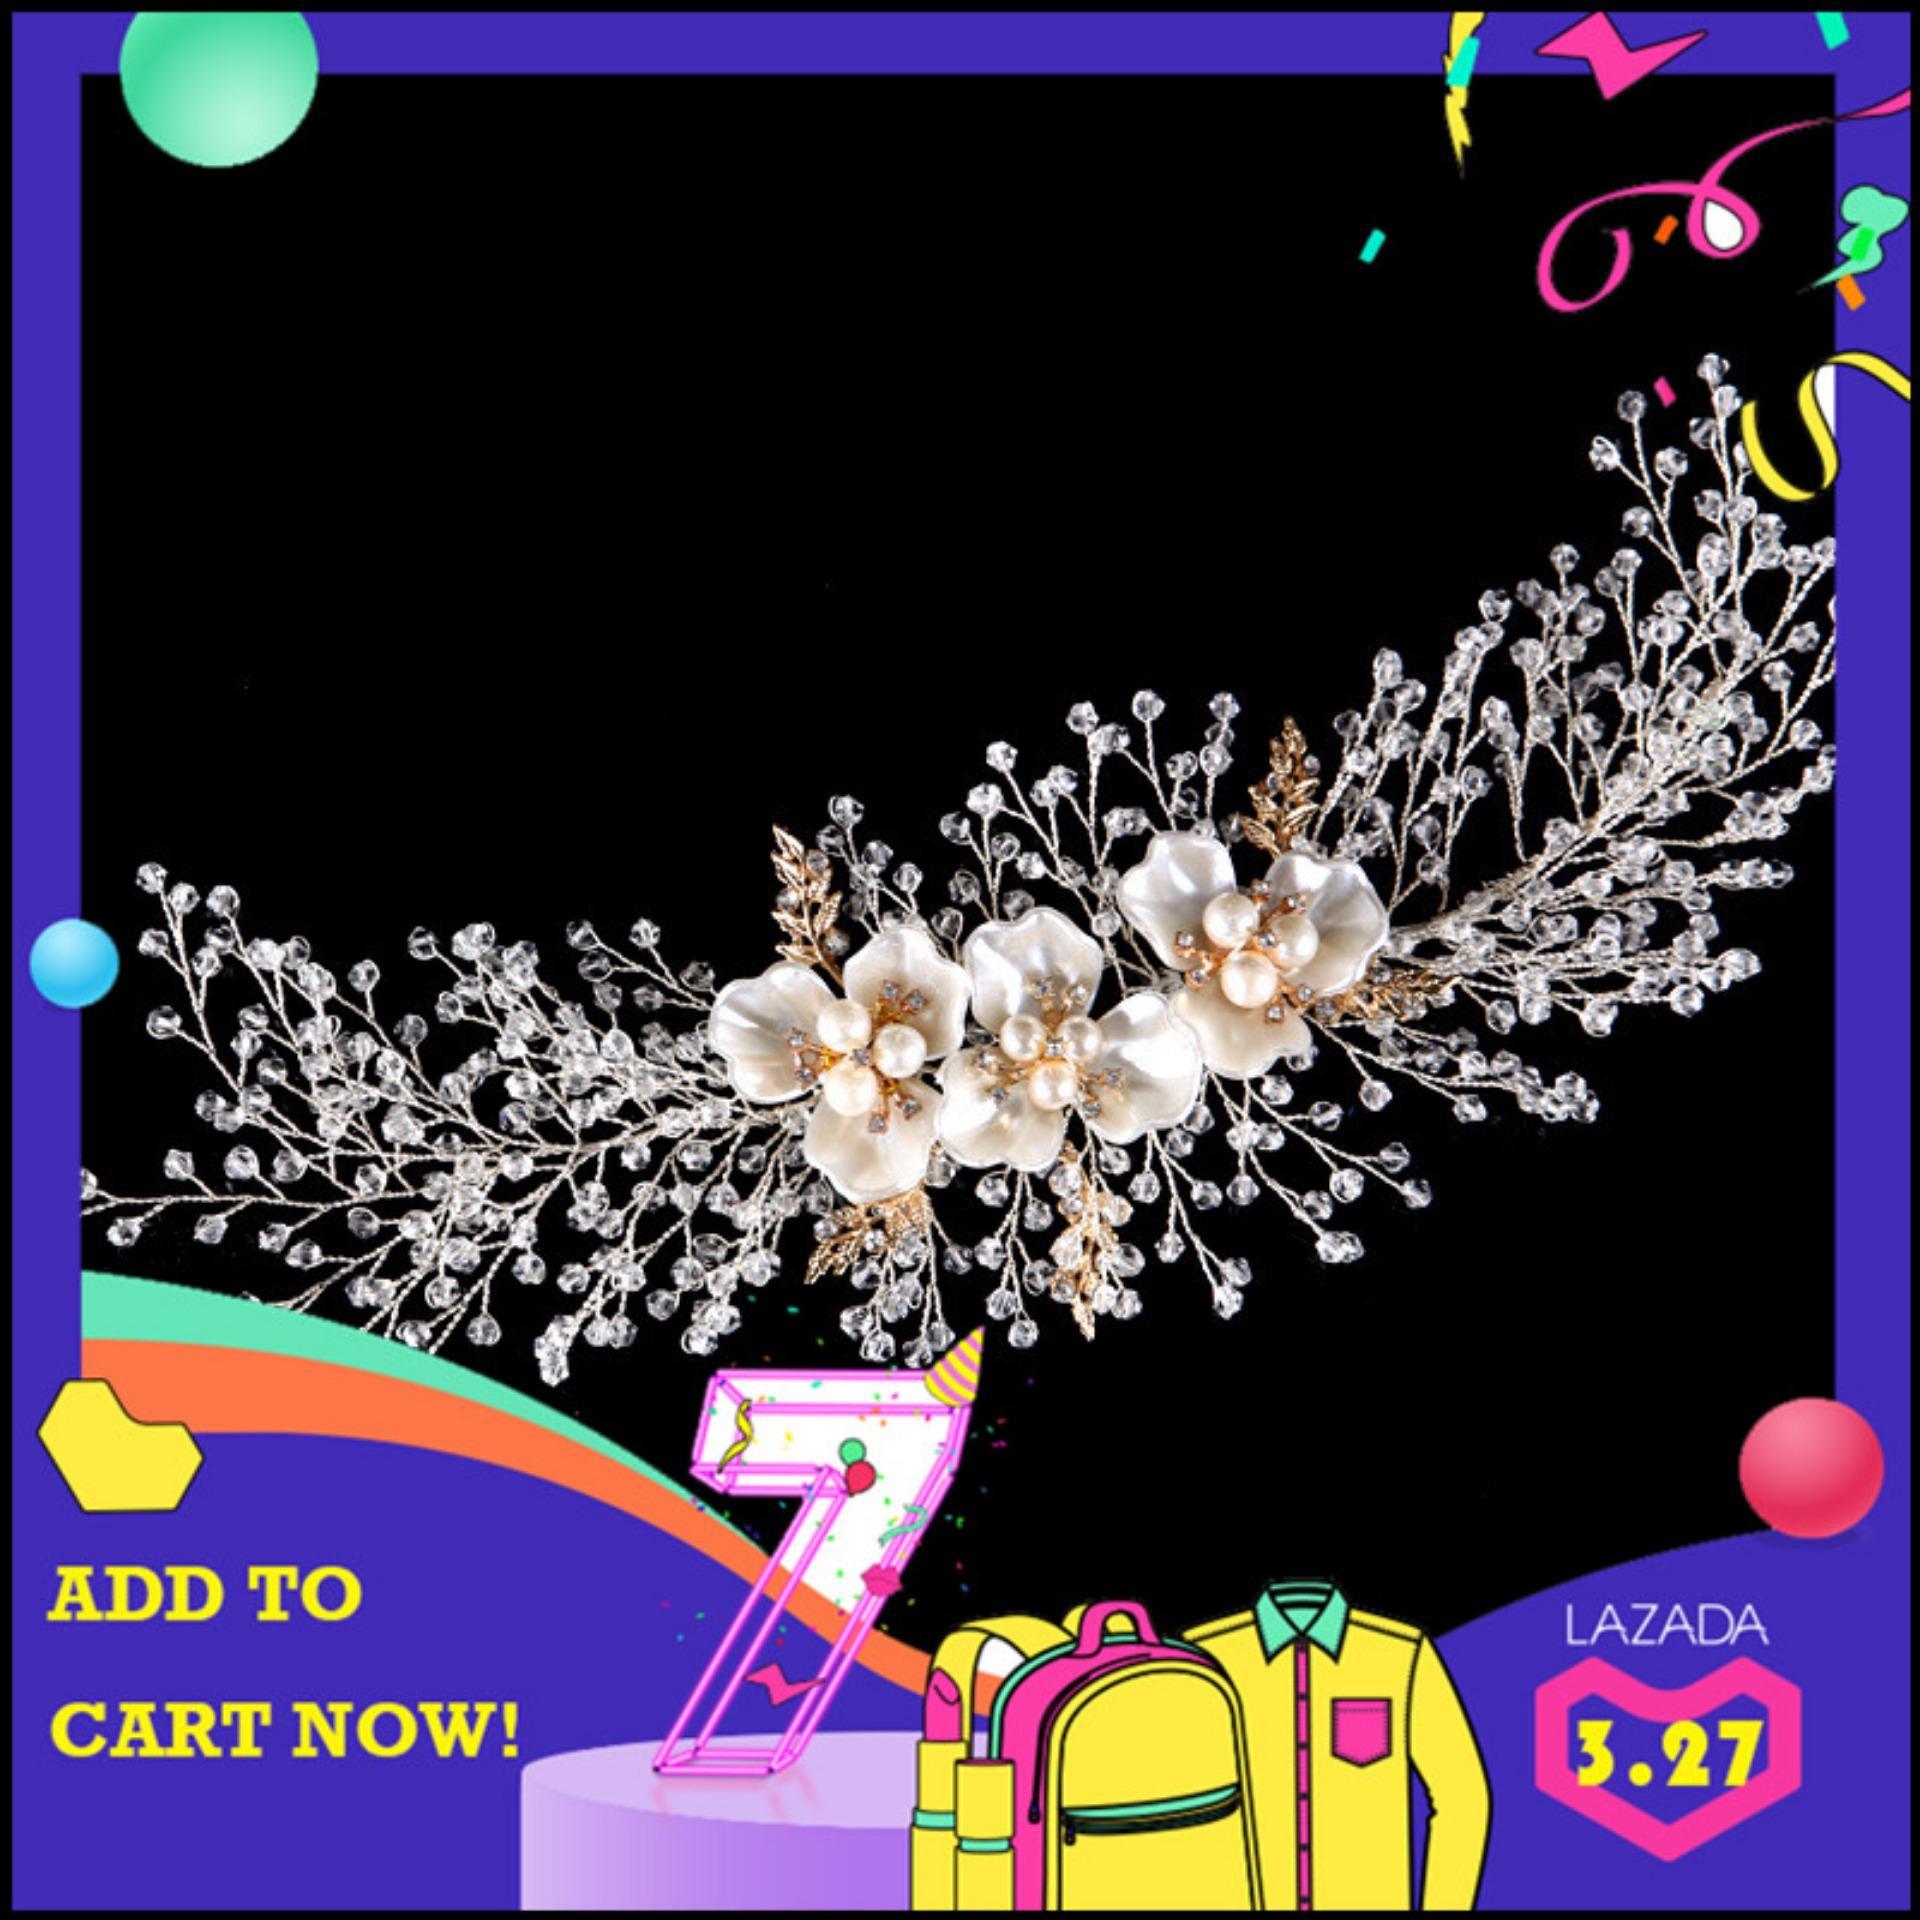 ELEGANT 3-Leaf Clover dengan Mutiara Air Tawar Pohon Anggur Pengantin Halo Wedding Headband Tiara